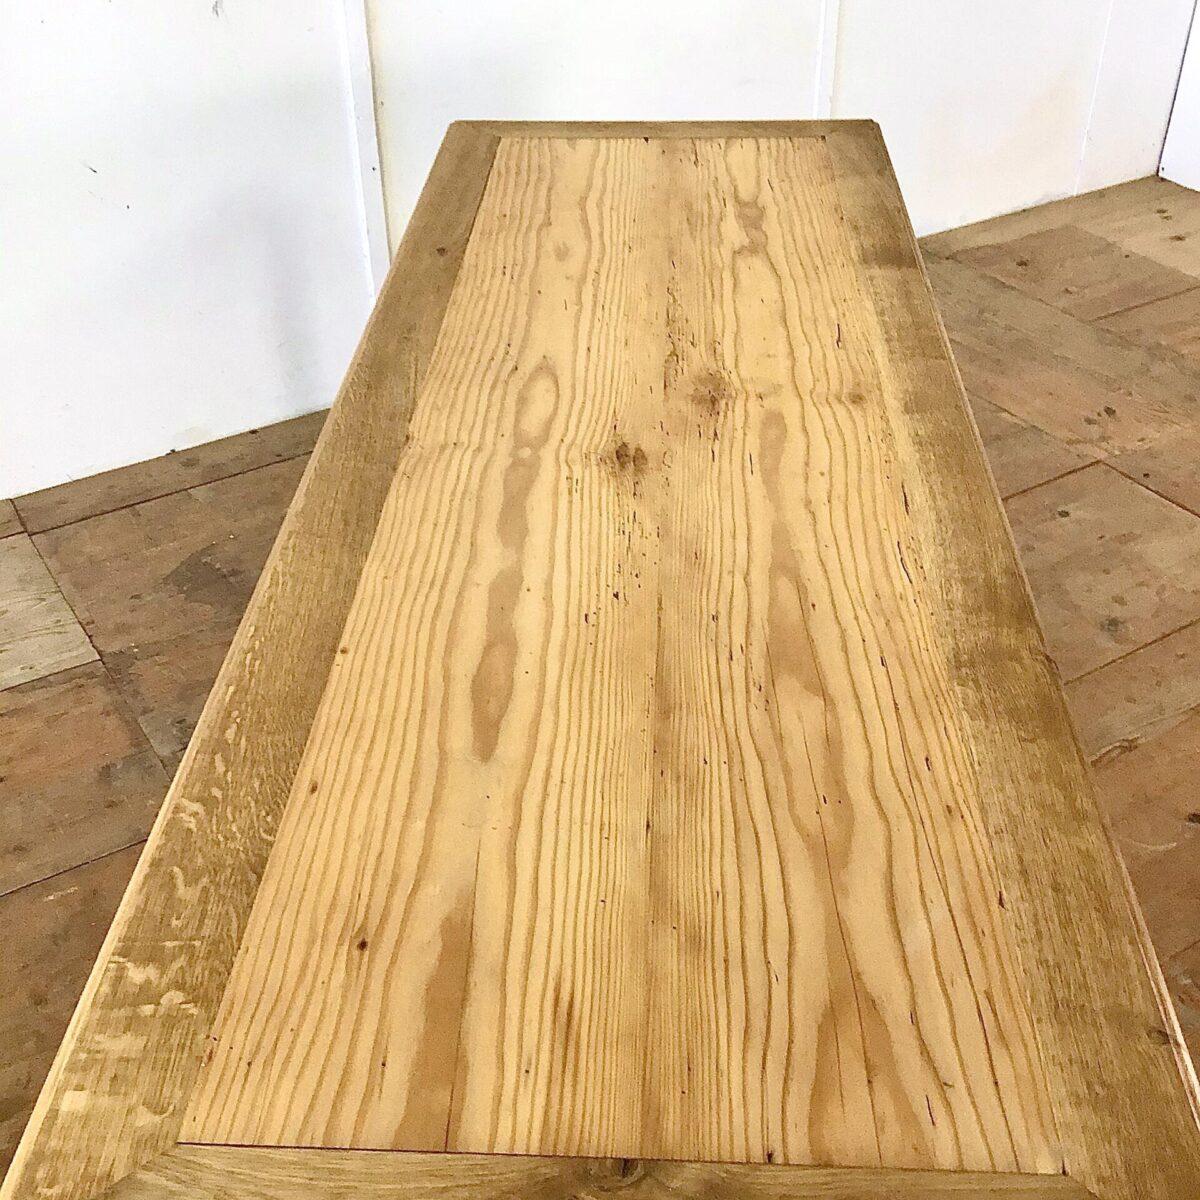 Antiker Beizentisch aus Frankreich220 x 76.5cm Tischblatt Tanne Massivholz mit Eichen Umrandung. Der lange Esstisch, mit gedrechselten Eichenholz Beinen, bietet Platz für bis zu 10 Personen.